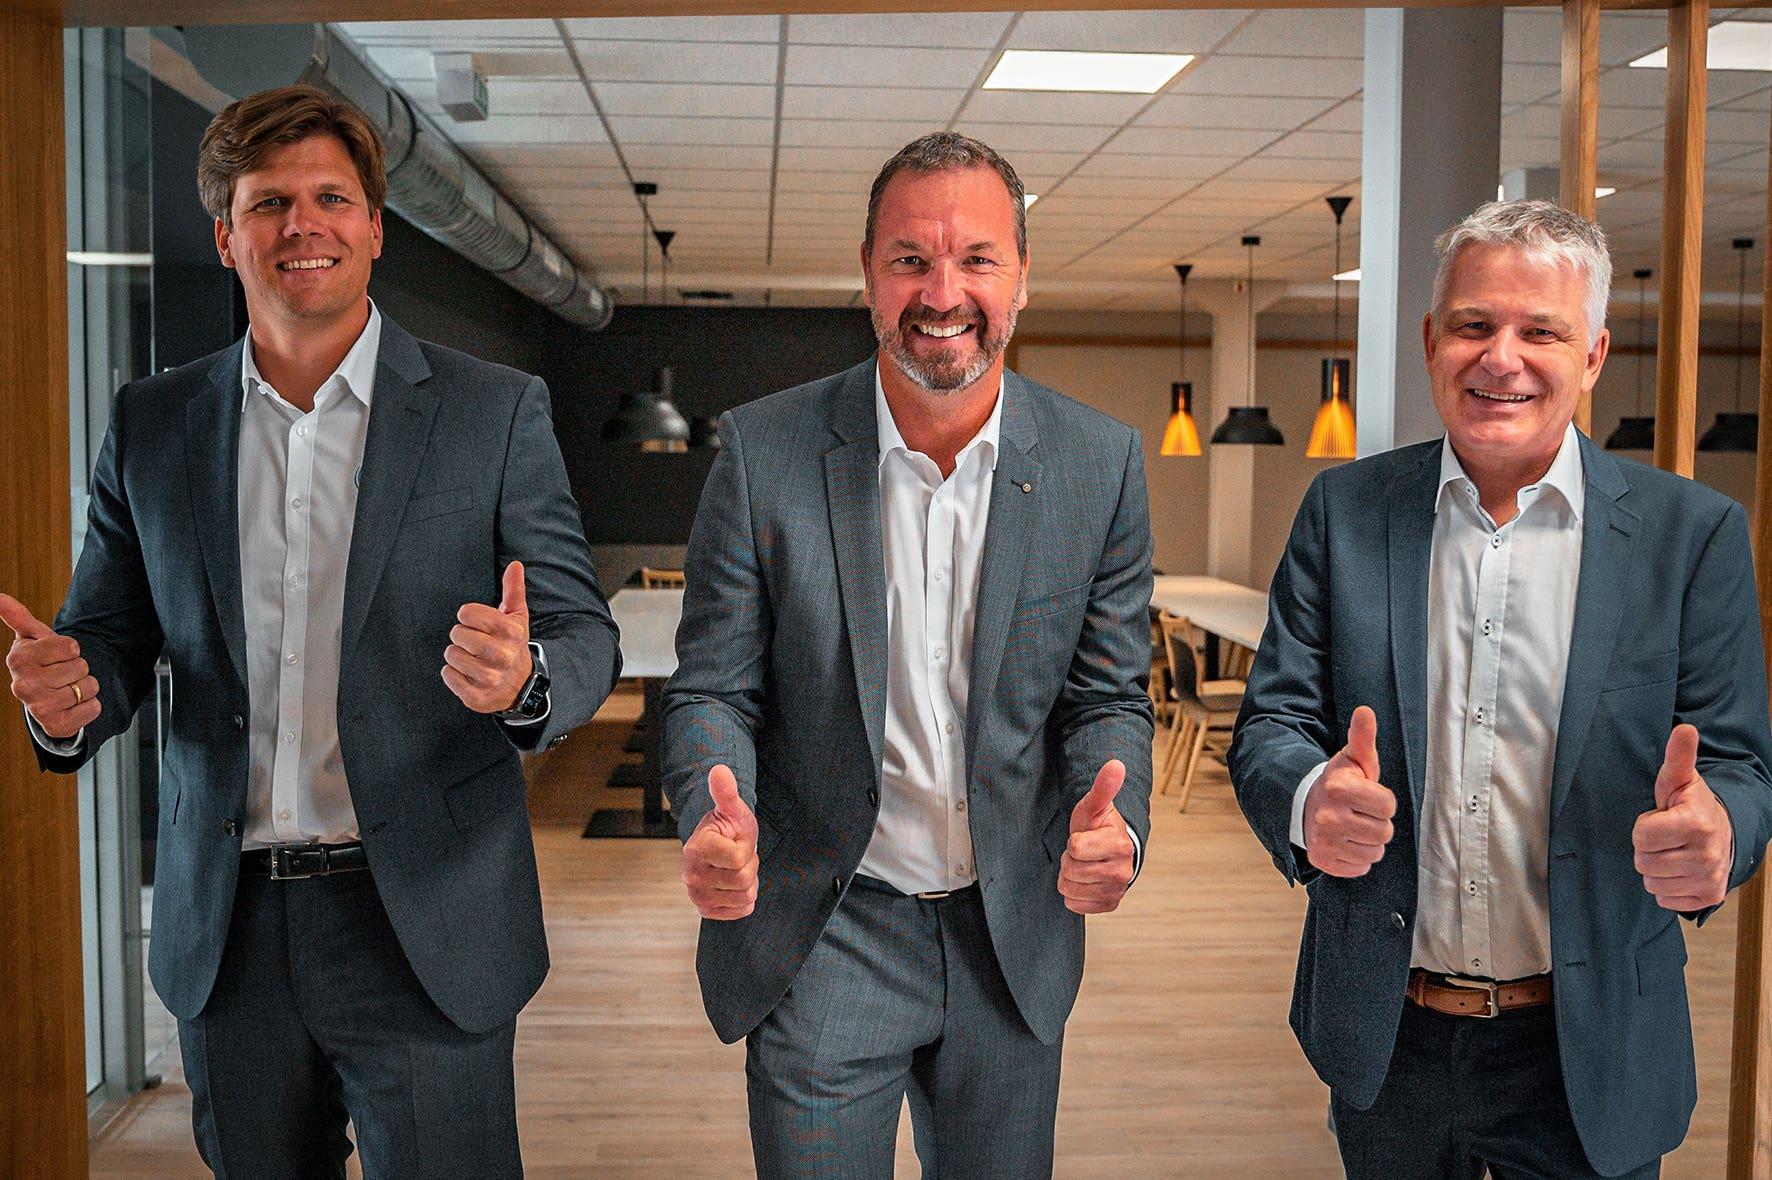 UWT Geschäftsführer erweitert Führungskreis